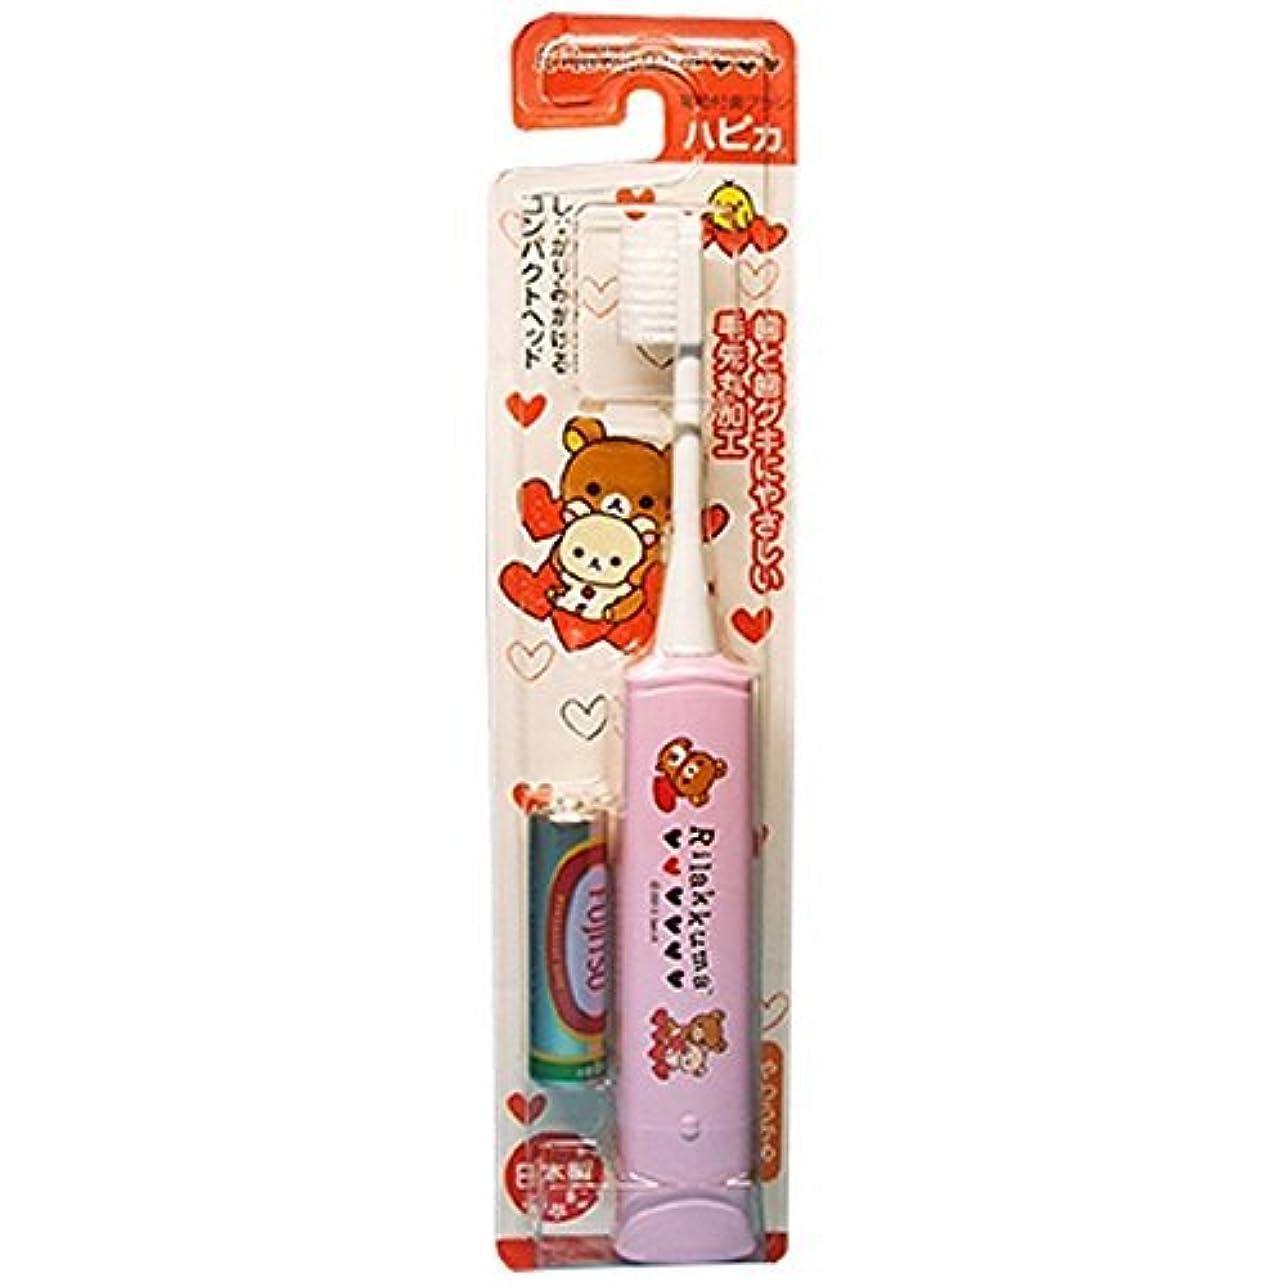 プロフェッショナル消化時間厳守ミニマム 電動付歯ブラシ リラックマハピカ ピンク 毛の硬さ:やわらかめ DBM-5P(RK)